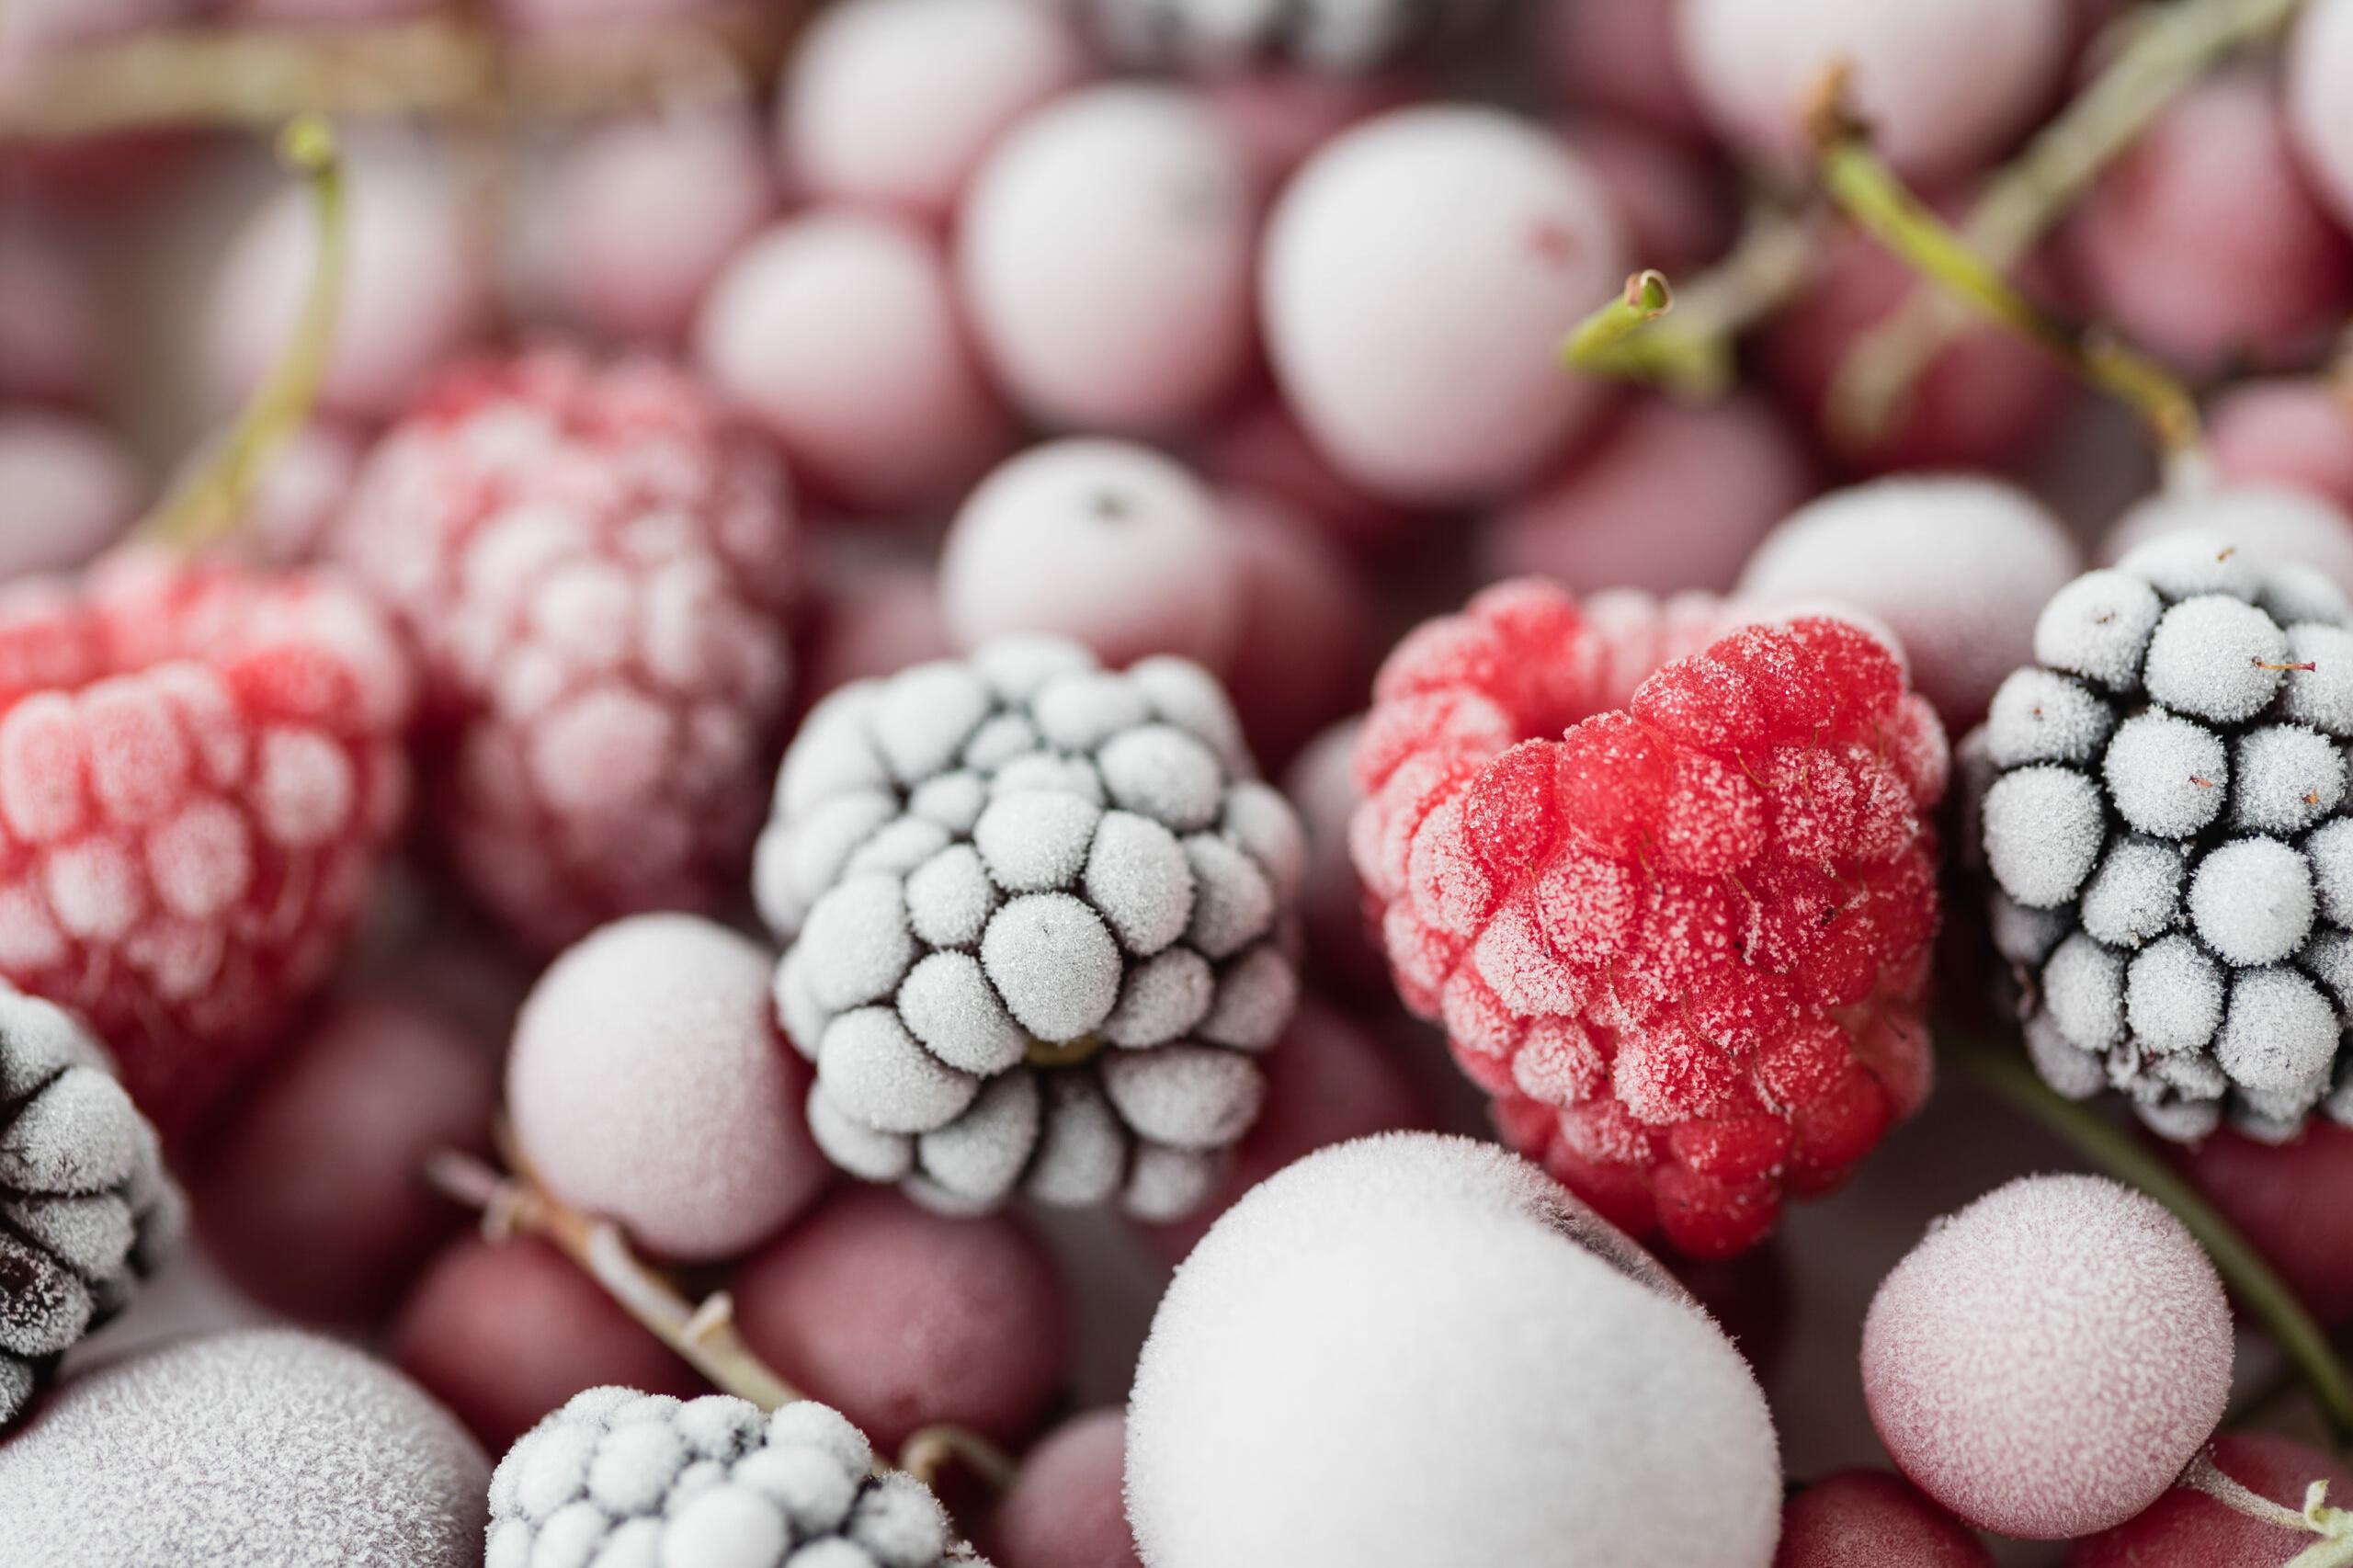 Tiefkühlkost: Gefrorene Beeren auf weißem Teller